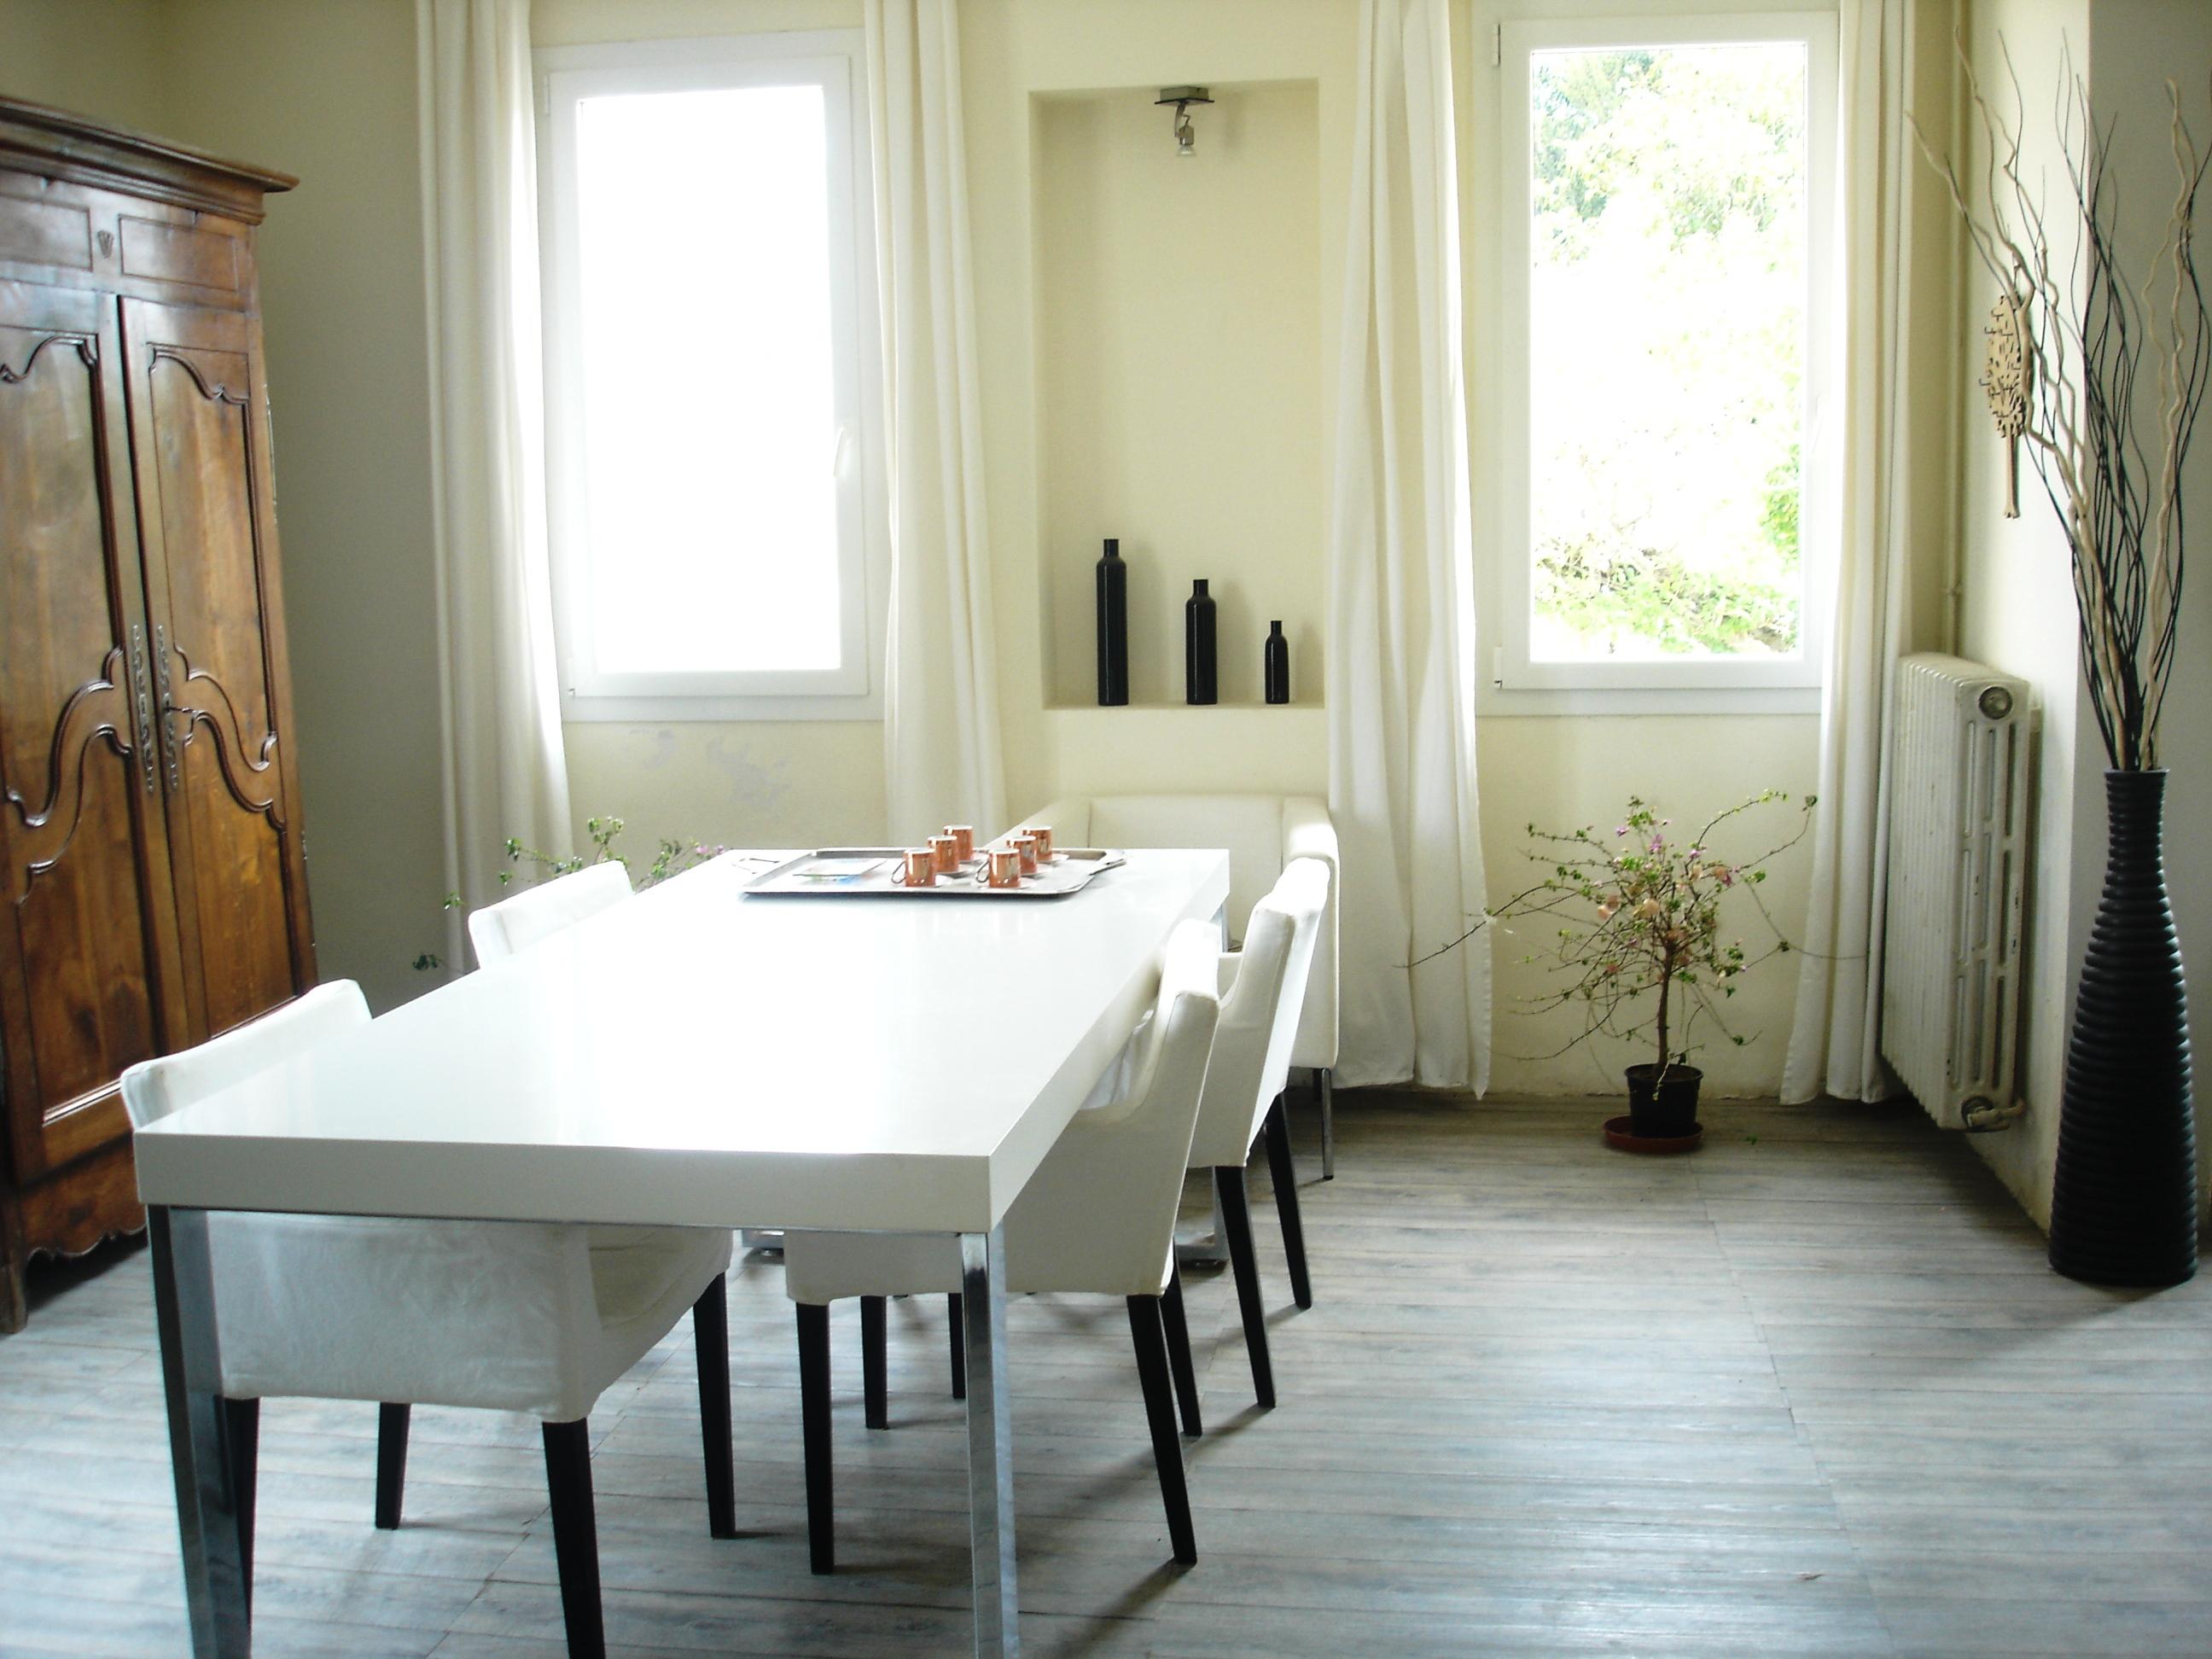 Chercher un logement temporaire - Contrat location chambre chez l habitant ...